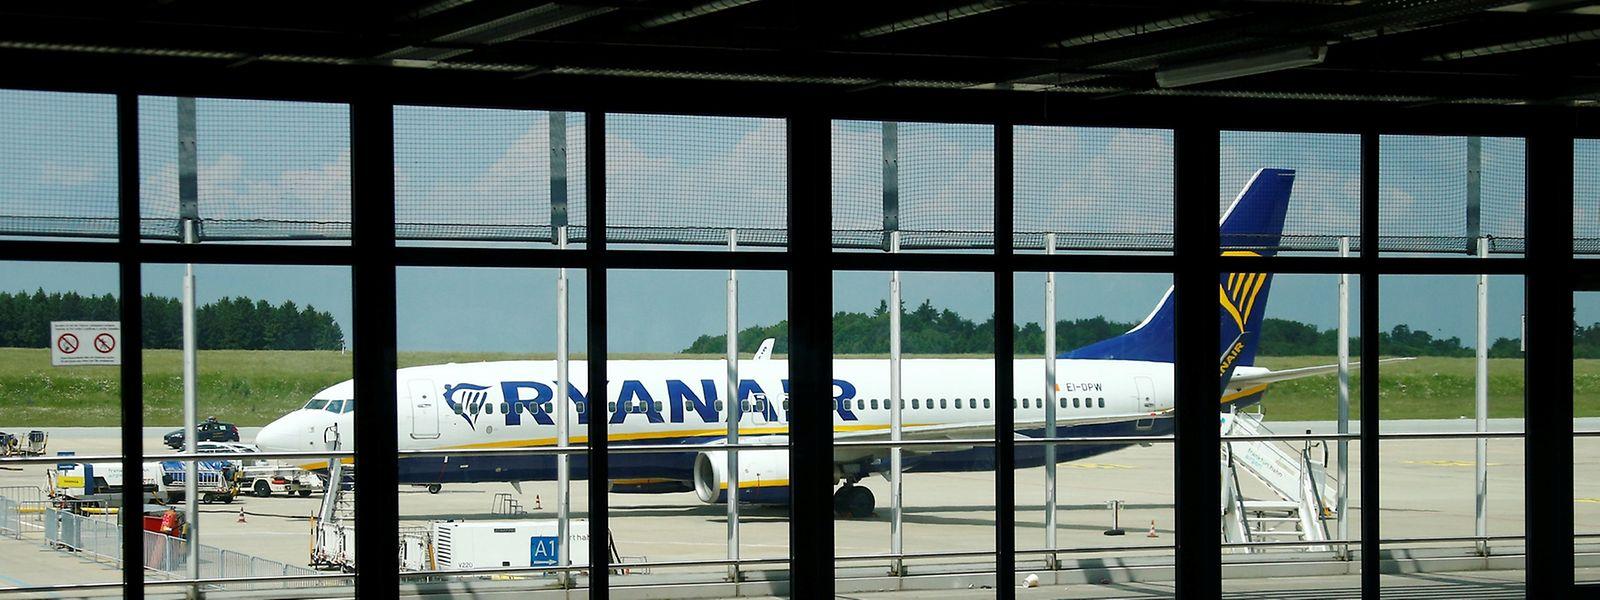 Die Billigfluggesellschaft hat einen fünfjährigen Abfertigungsvertrag mit dem defizitären Flughafen Hahn unterzeichnet und sieht kein Problem darin, neben Luxemburg und Frankfurt längerfristig auch den Hunsrück-Airport anzufliegen.